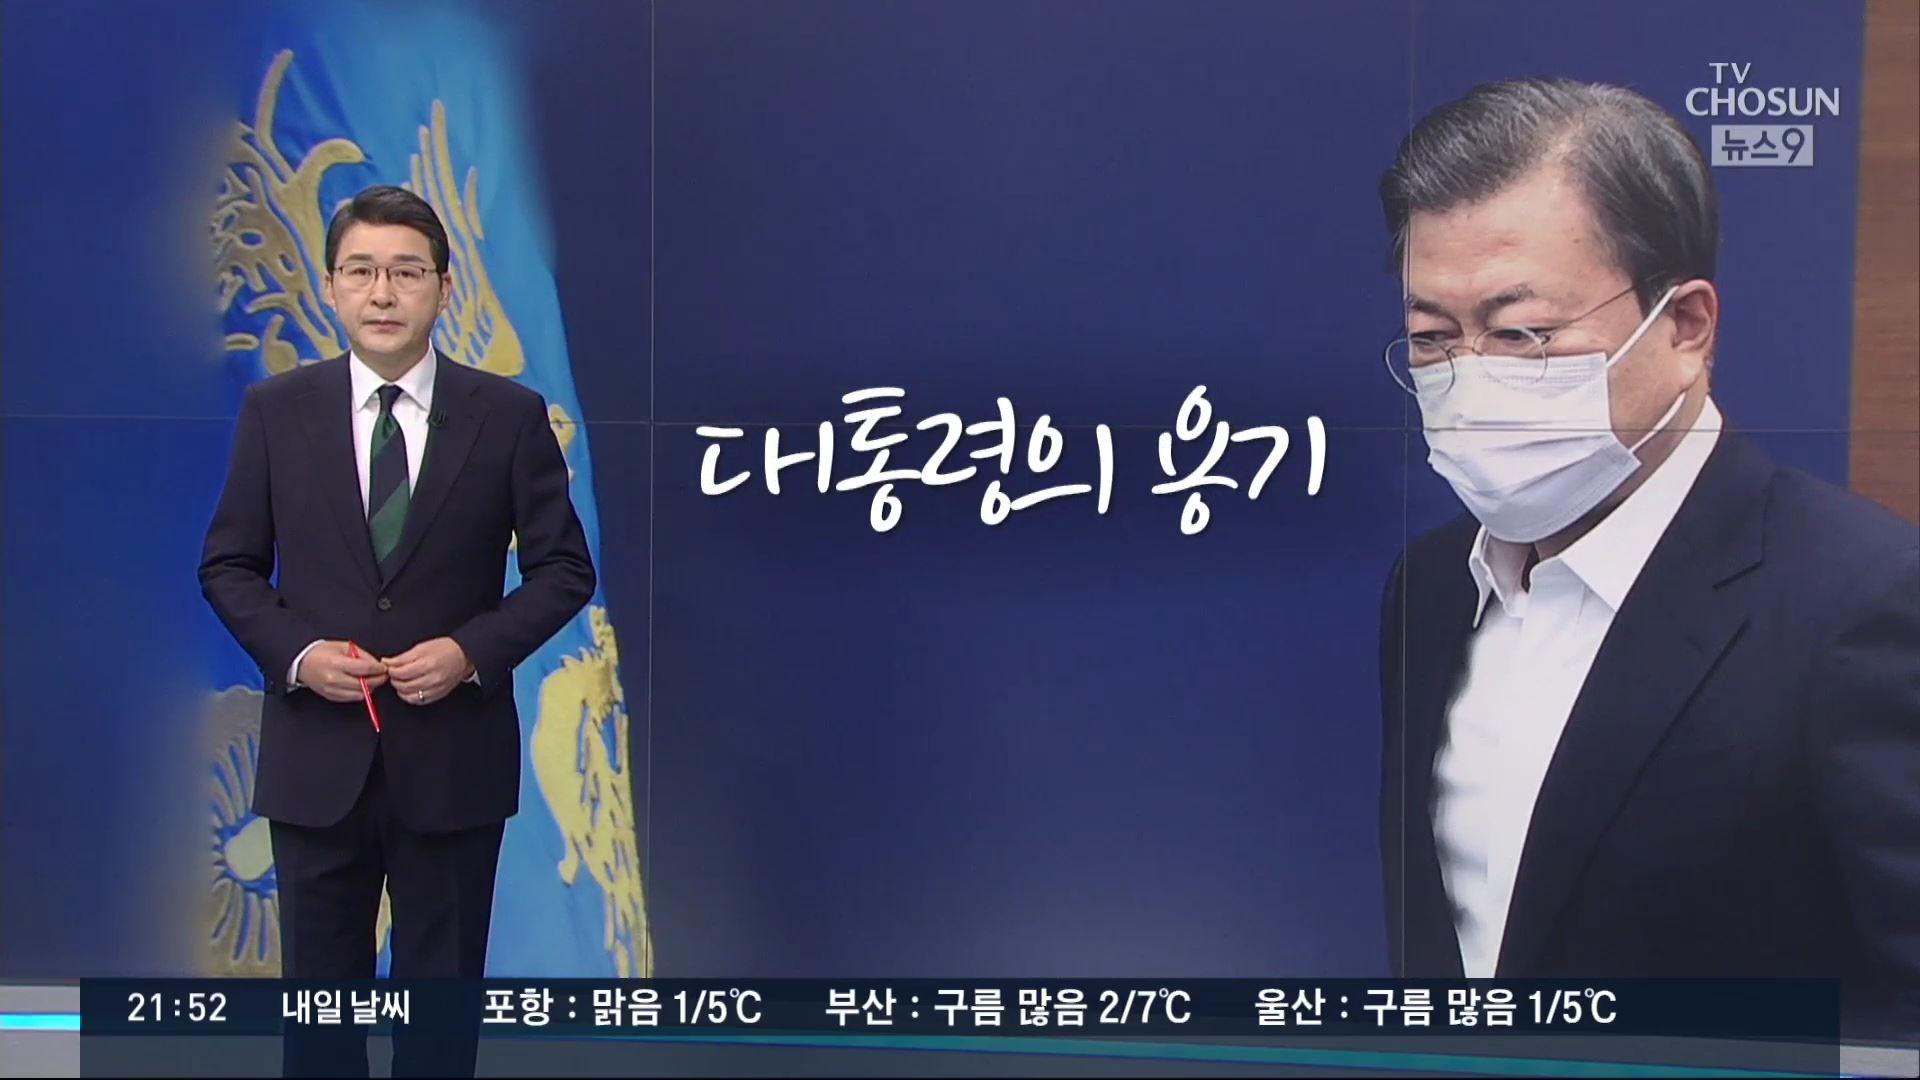 [신동욱 앵커의 시선] 대통령의 용기